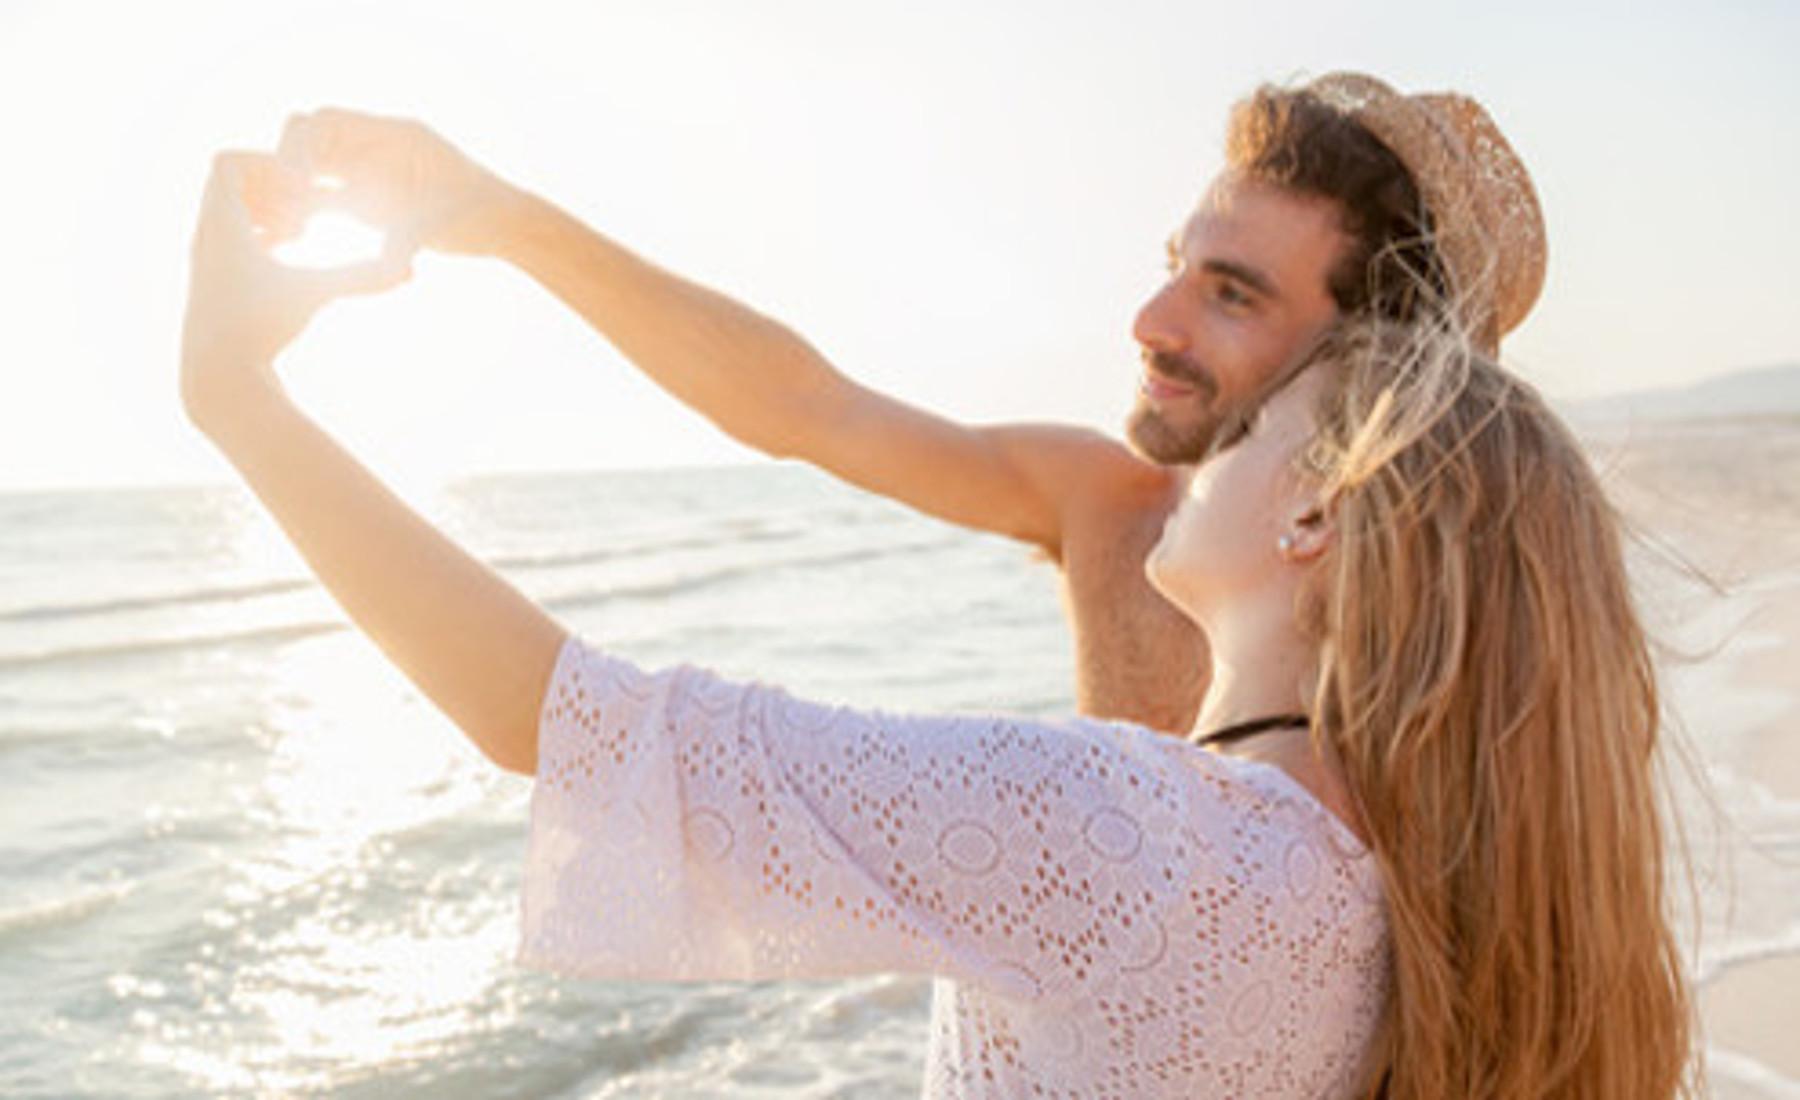 שימור הזוגיות והאינטימיות גם בקיץ החם